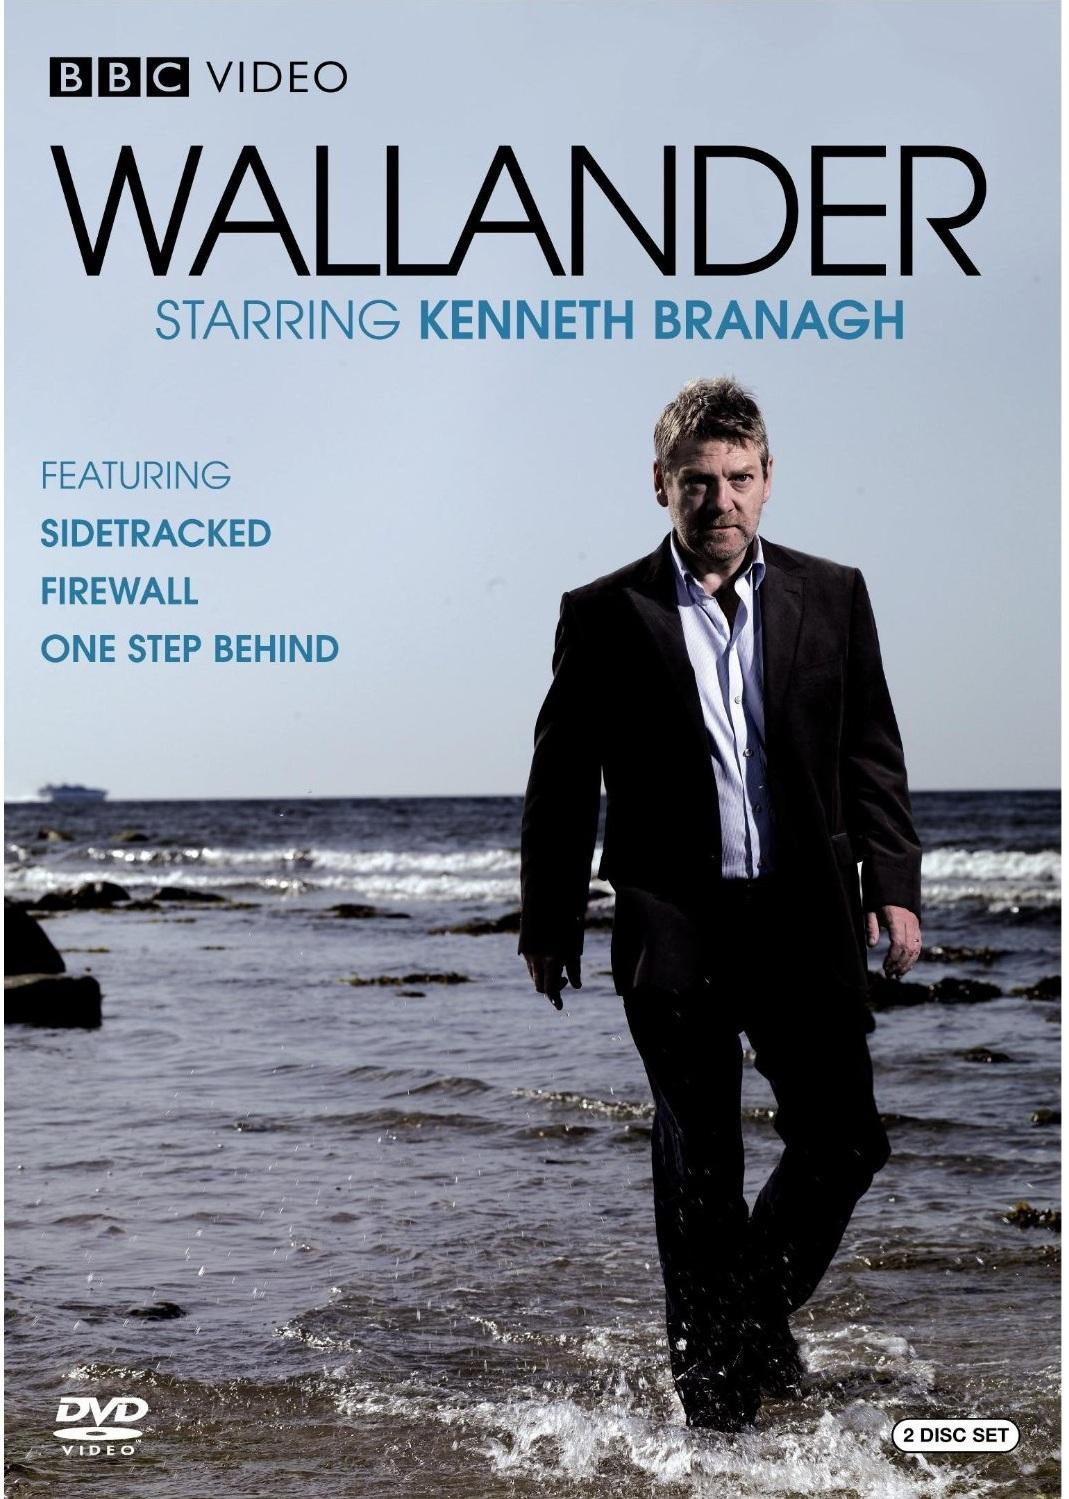 Wallander (TV Series 2008–2016) - Full Cast & Crew - IMDb